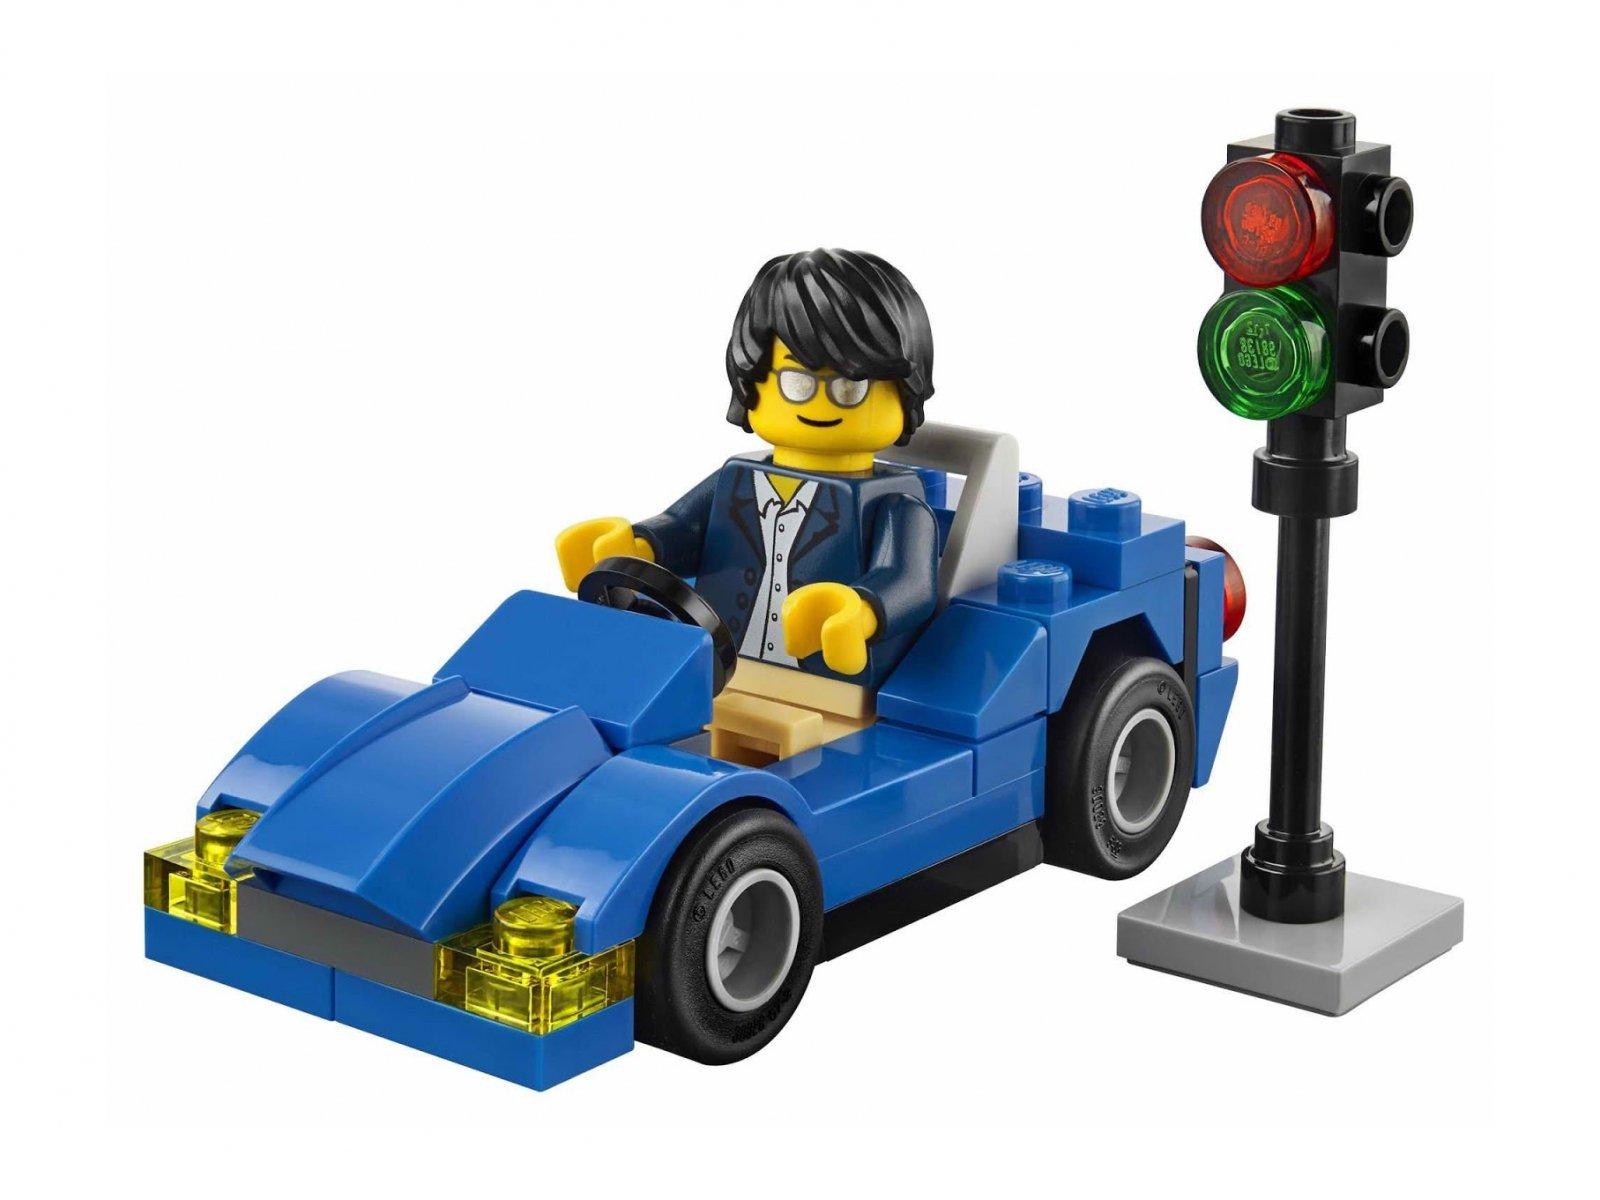 LEGO 30349 City Sports Car